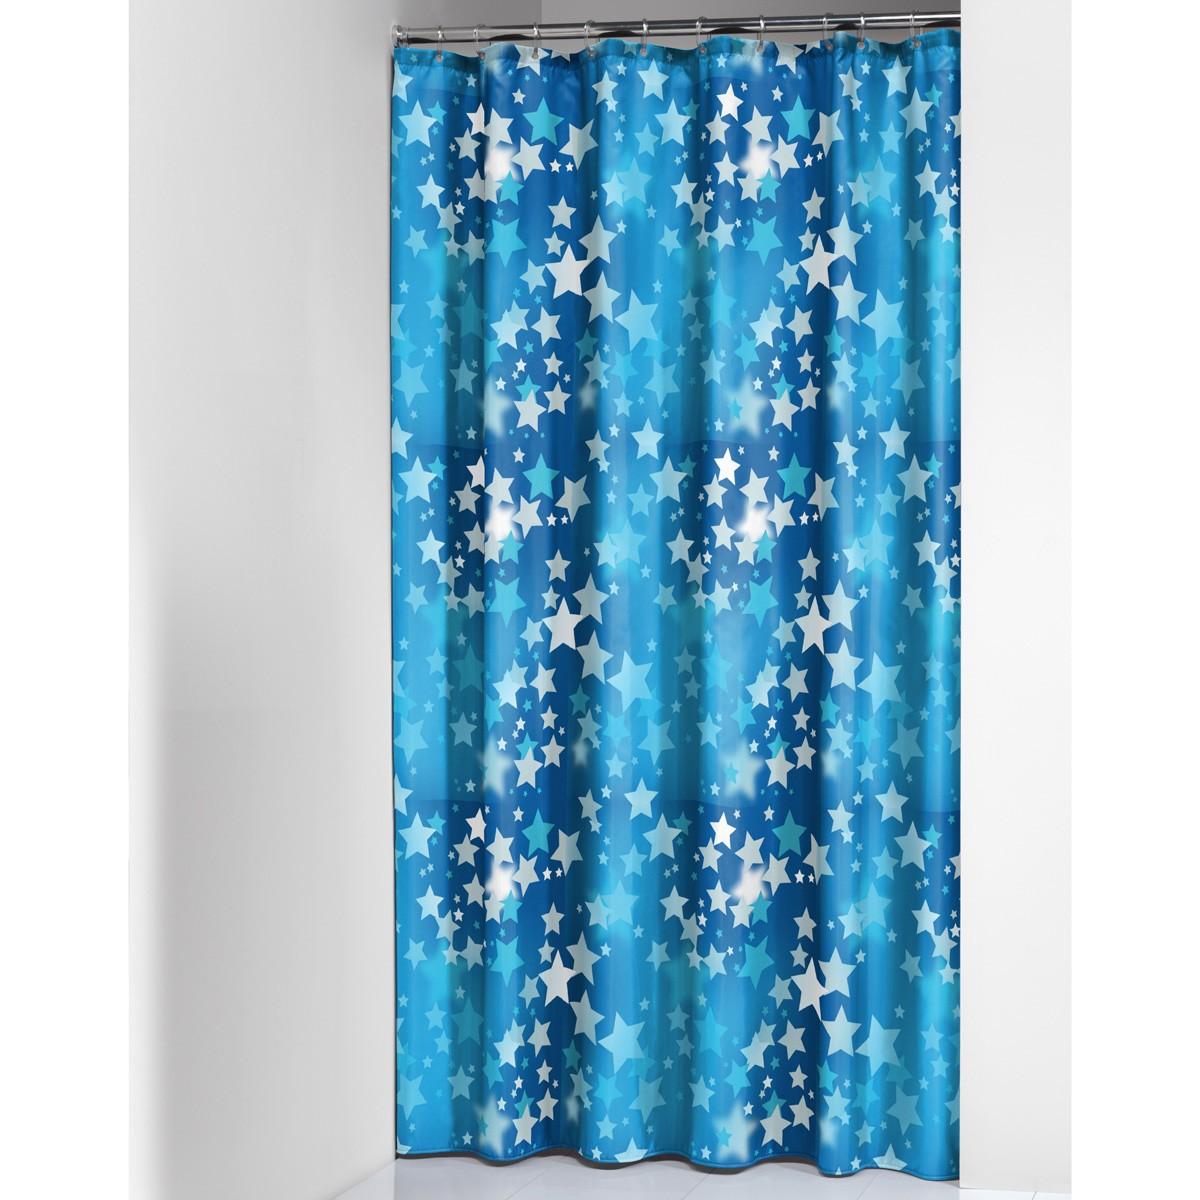 Κουρτίνα Μπάνιου Πλαστική (180×200) SealSkin Starry Sky